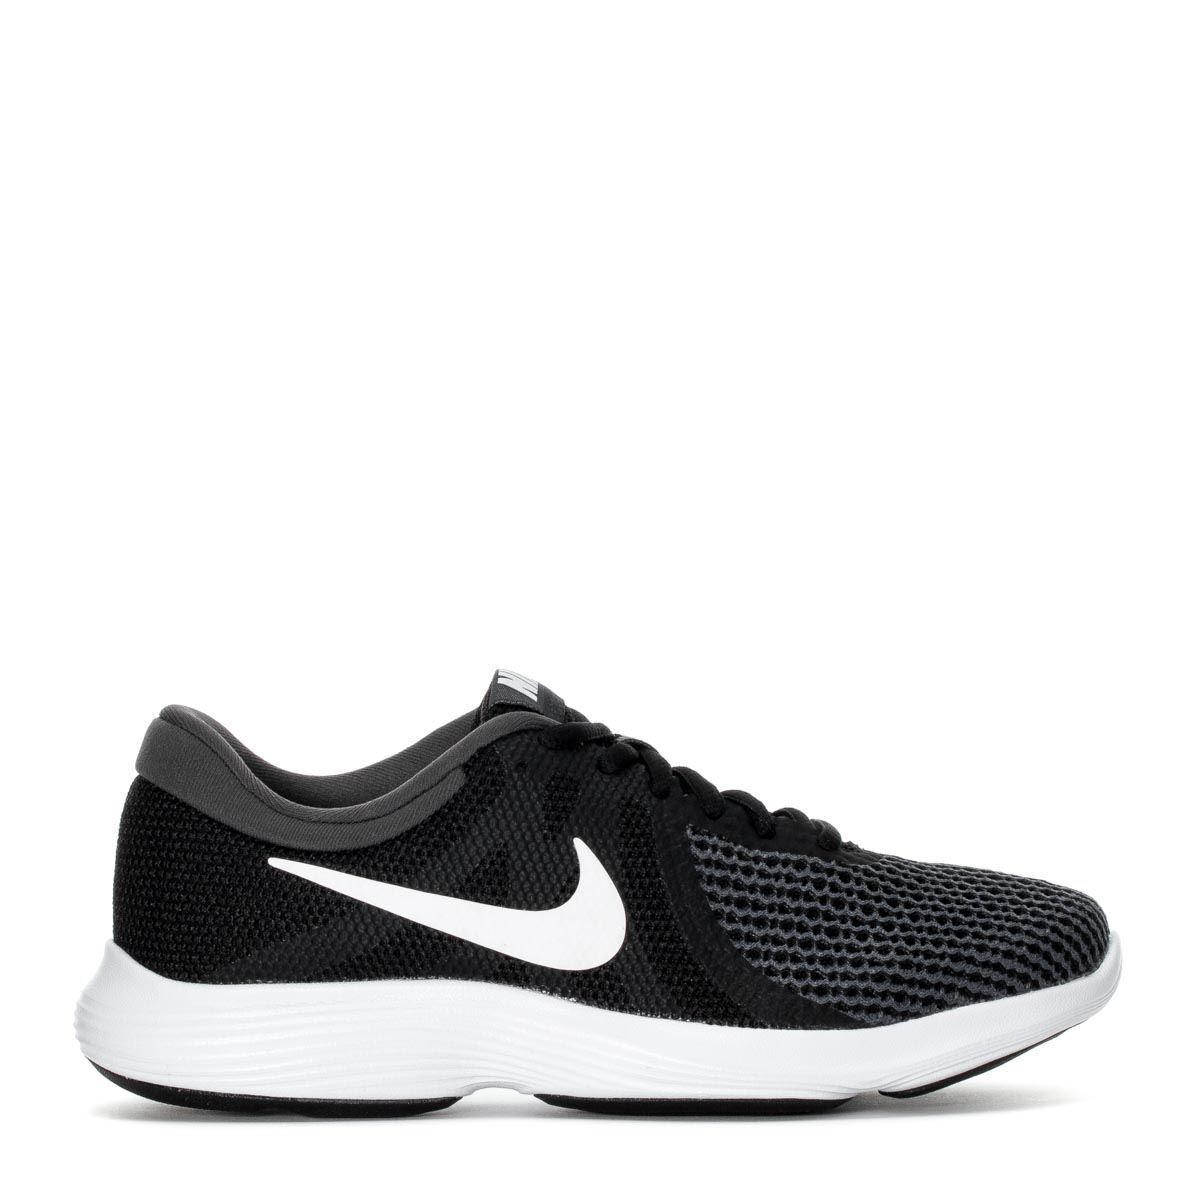 Men's Nike Revolution 4 Running shoes Black White-Anthracite 908988 001